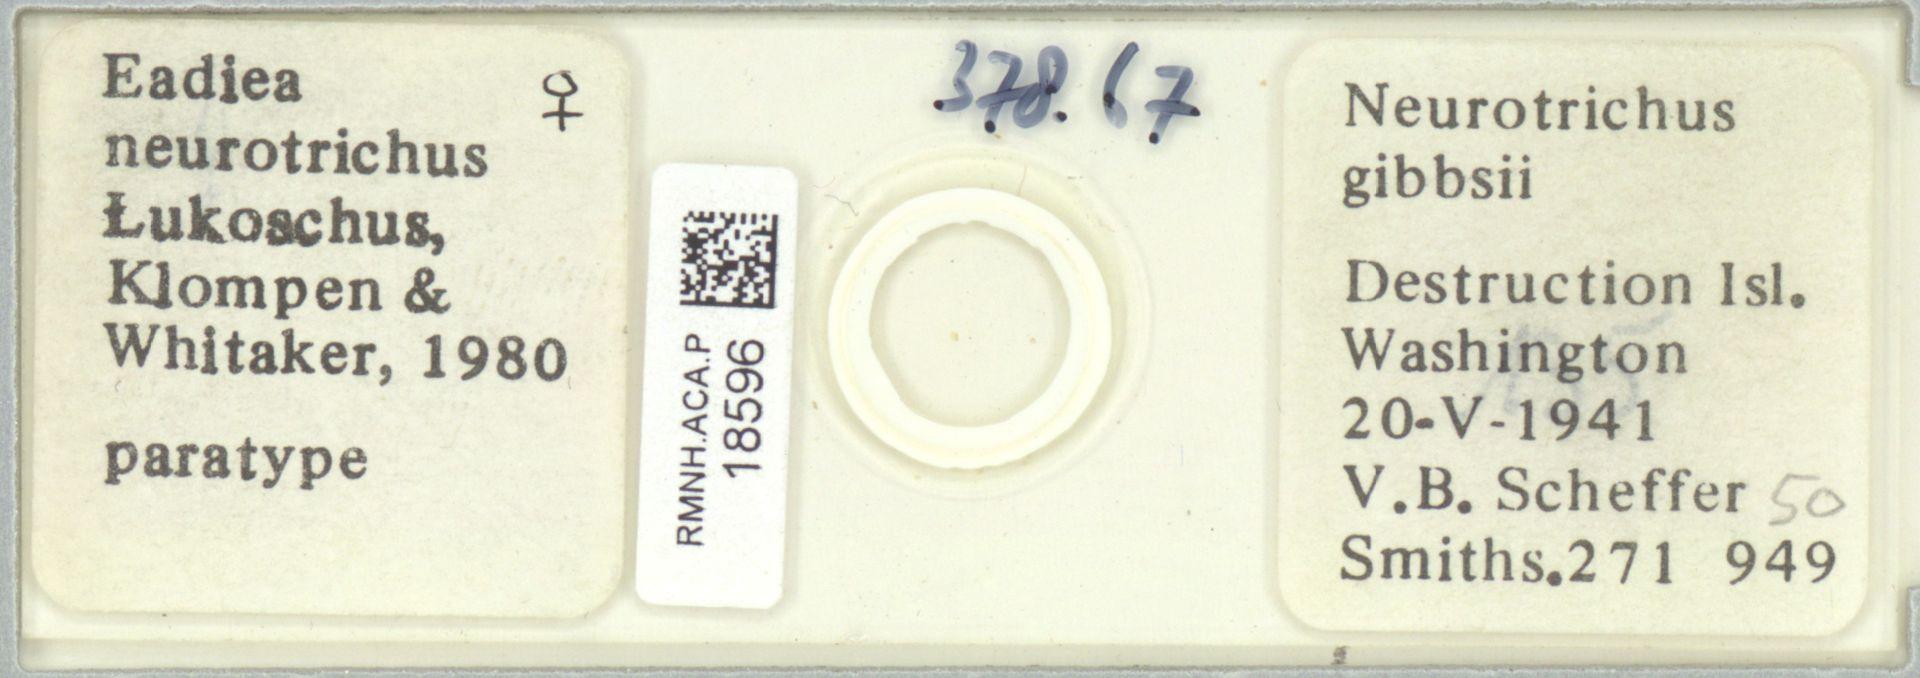 RMNH.ACA.P.18596 | Eadiea neurotrichus Lukoschus, Klompen & Whitaker, 1980